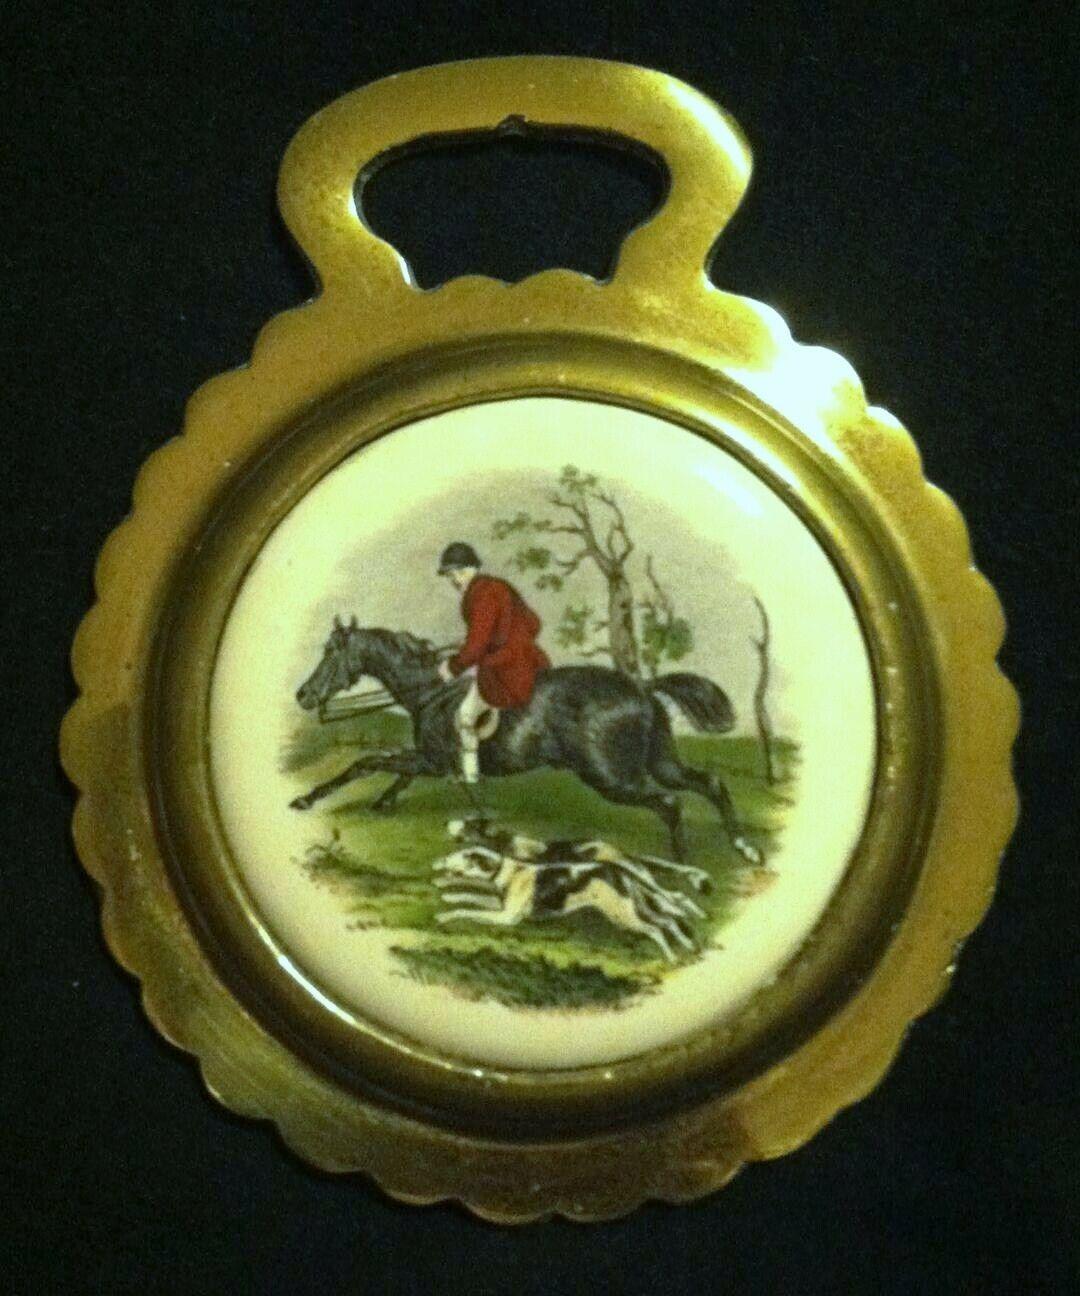 Vintage Cazador  con dos Hounds Porcelana Caballo Latón Wow sus parojoes   bienvenido a comprar